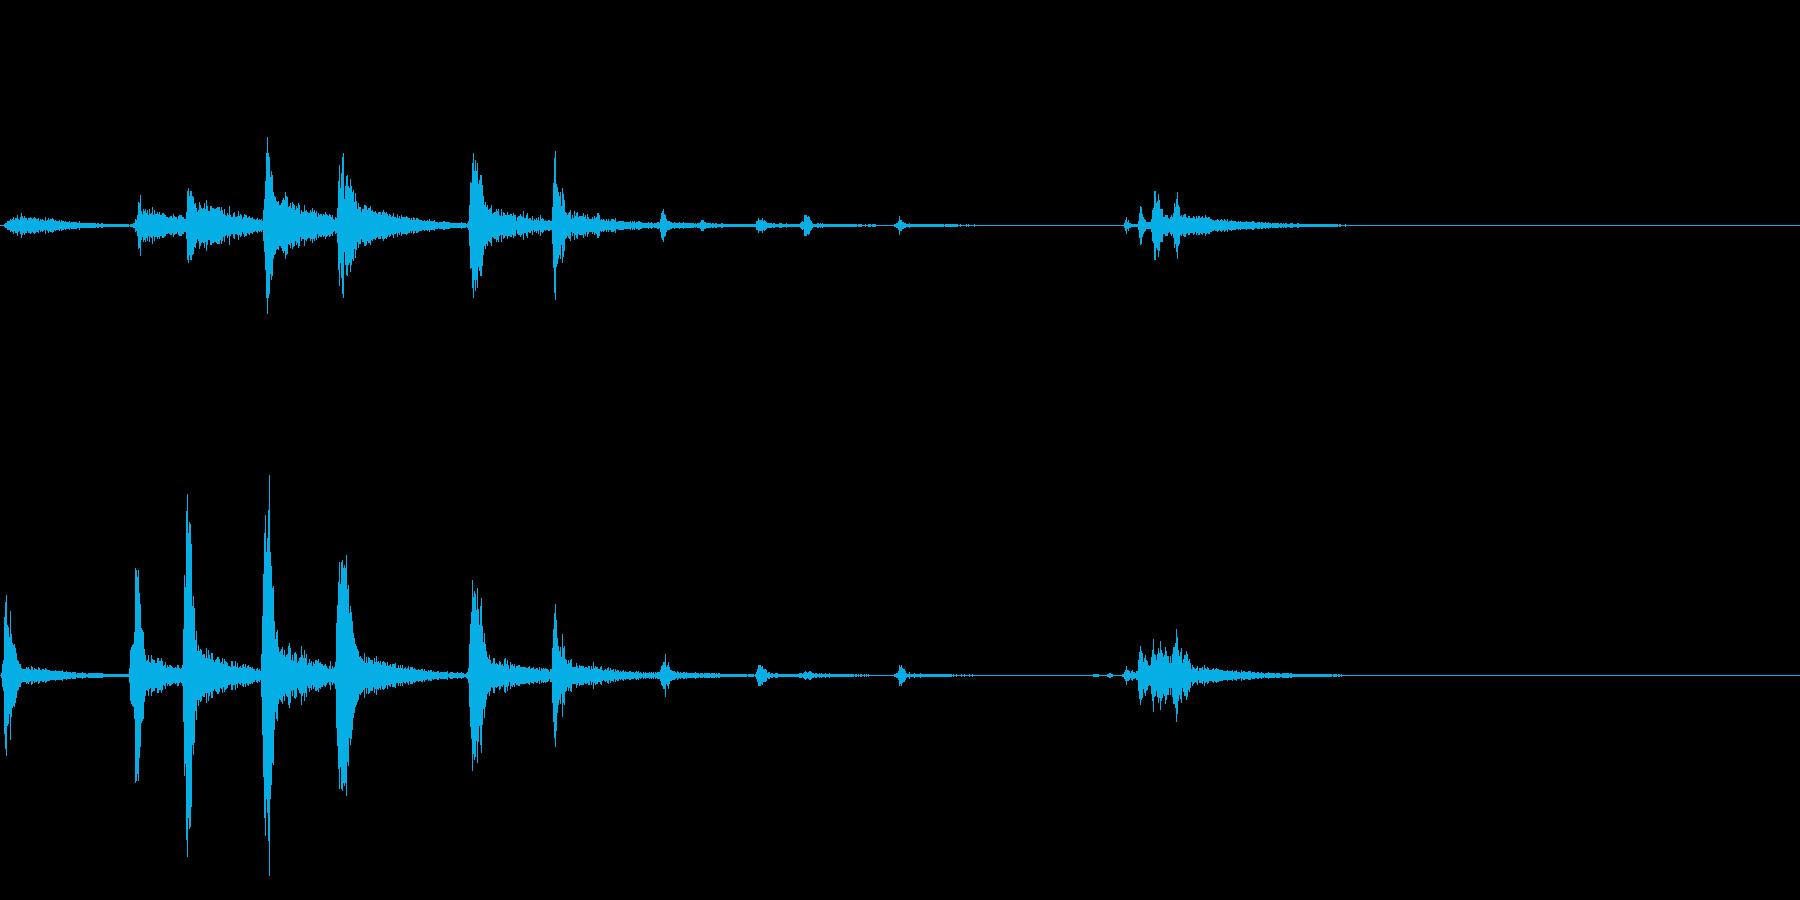 非現実感のあるヒヨドリと鶯のジングルの再生済みの波形